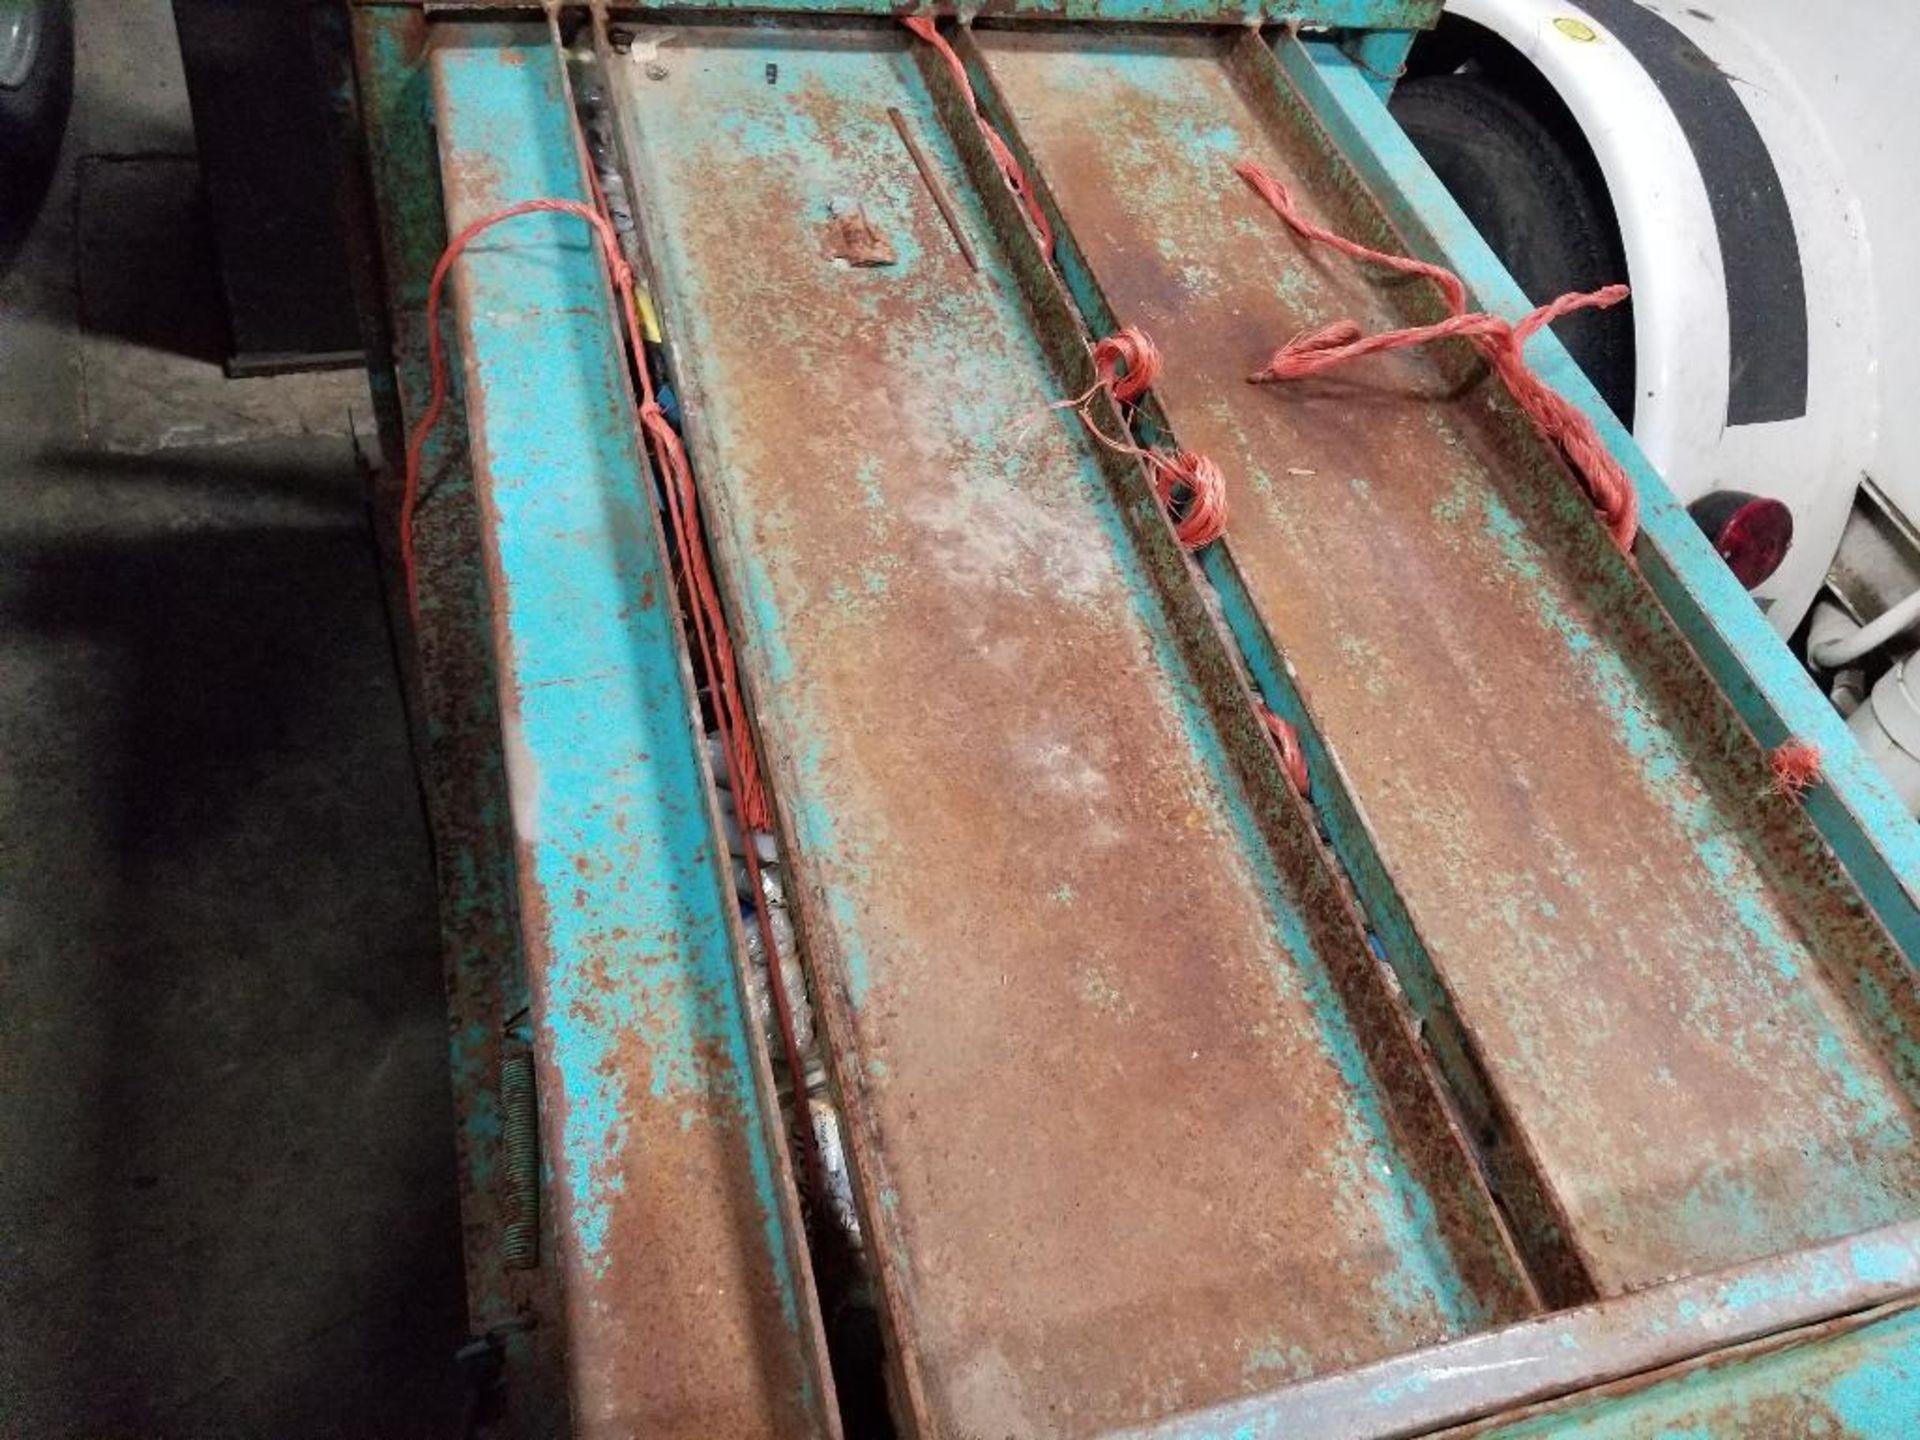 Balemaster baling machine. Model 142-0. - Image 10 of 16